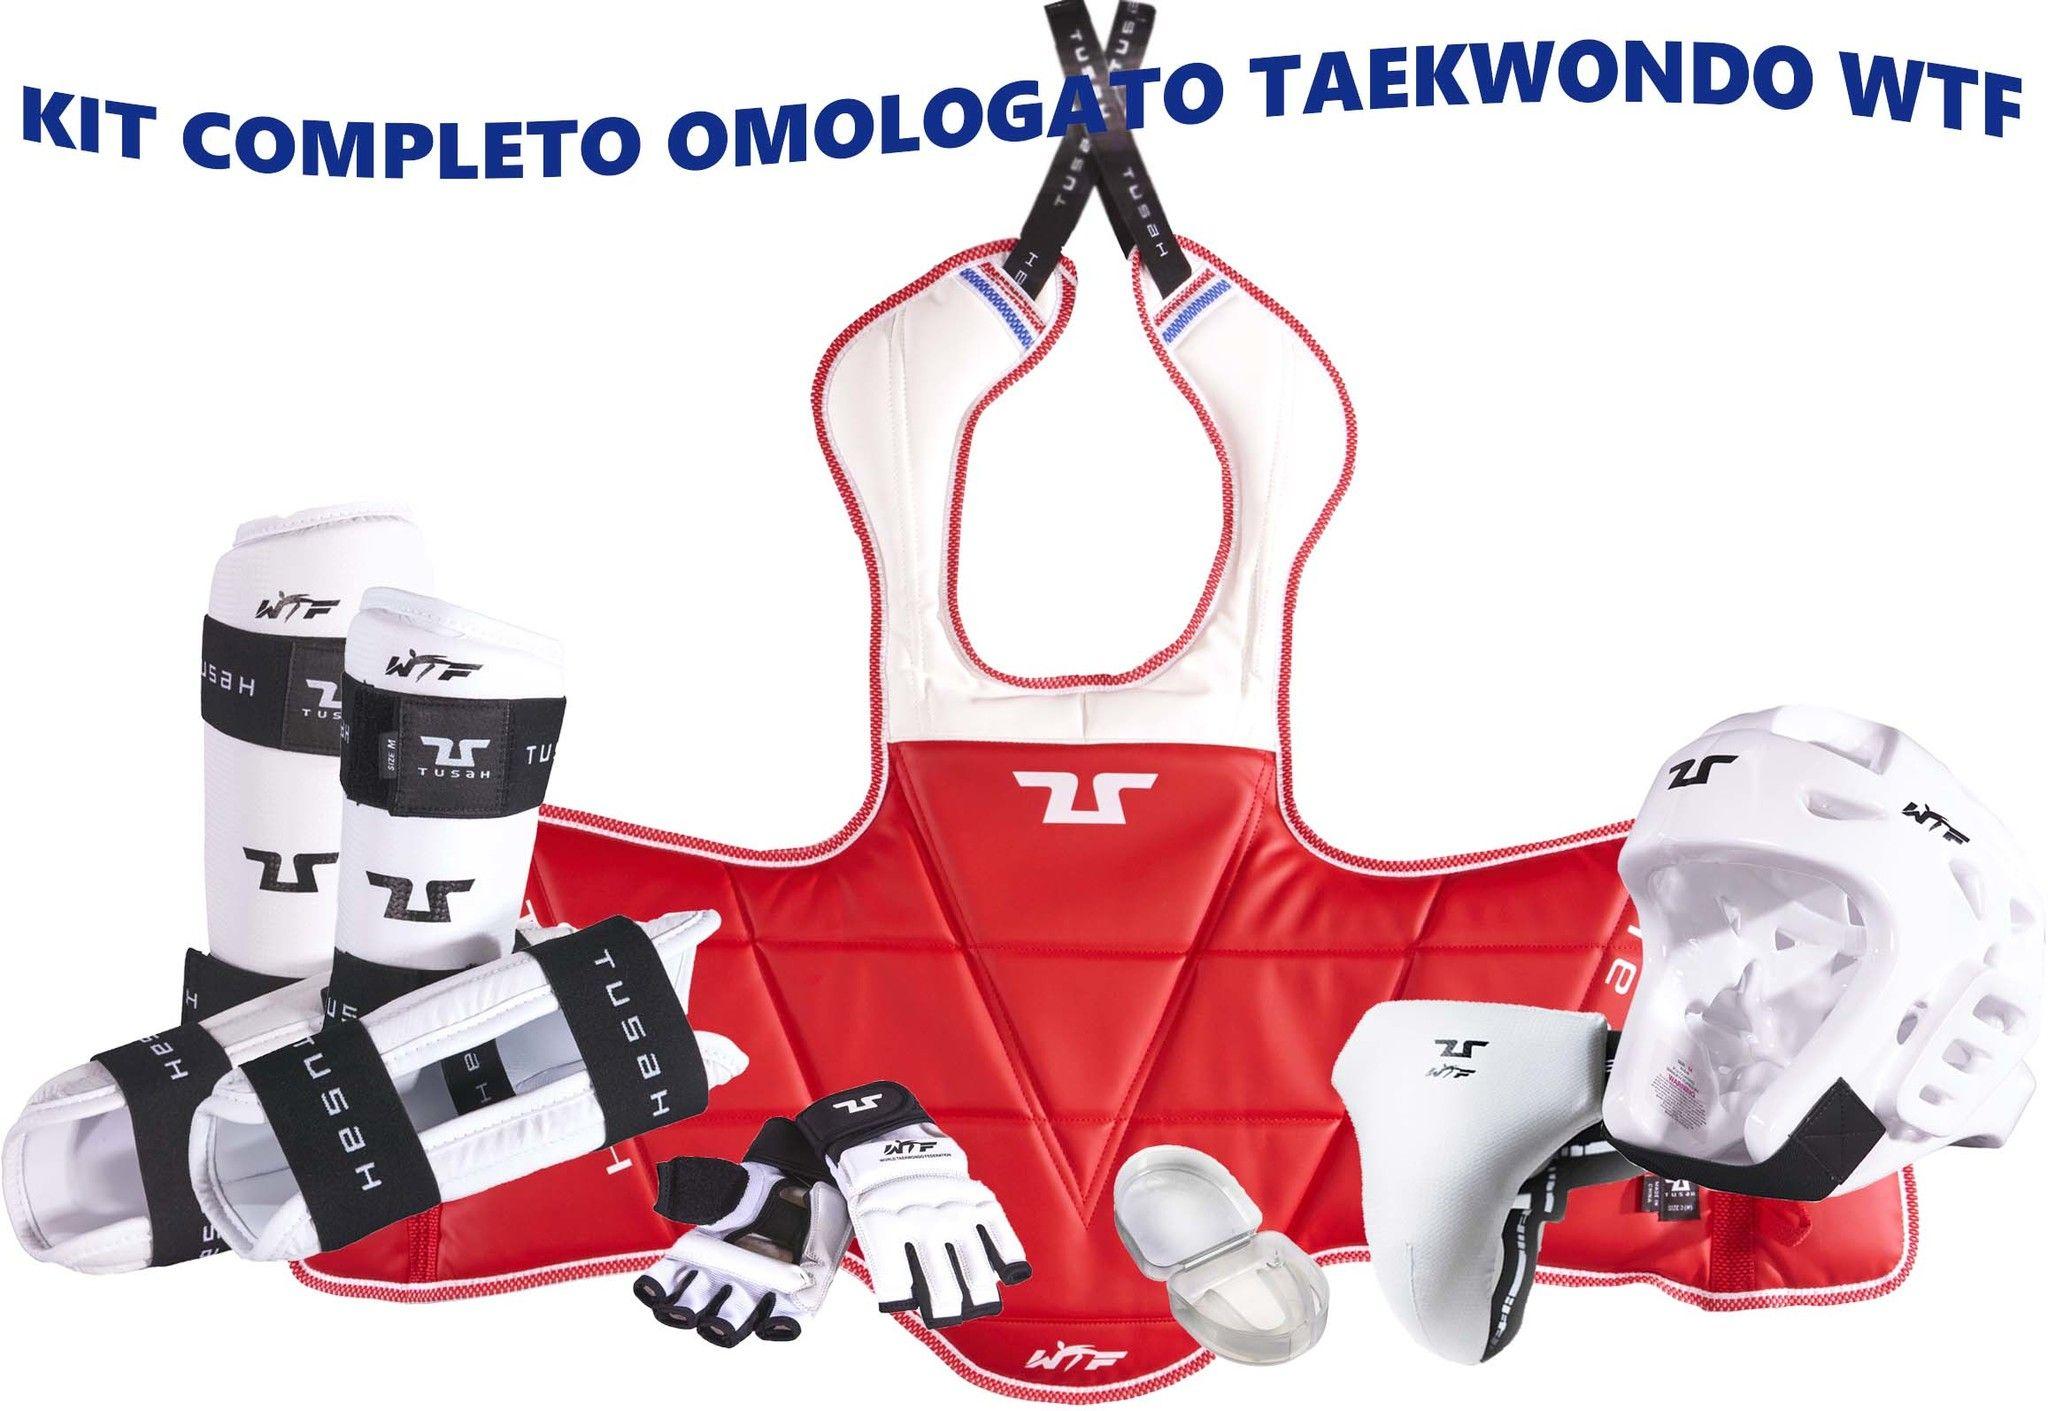 KIT per Taekwondo WT Tusah